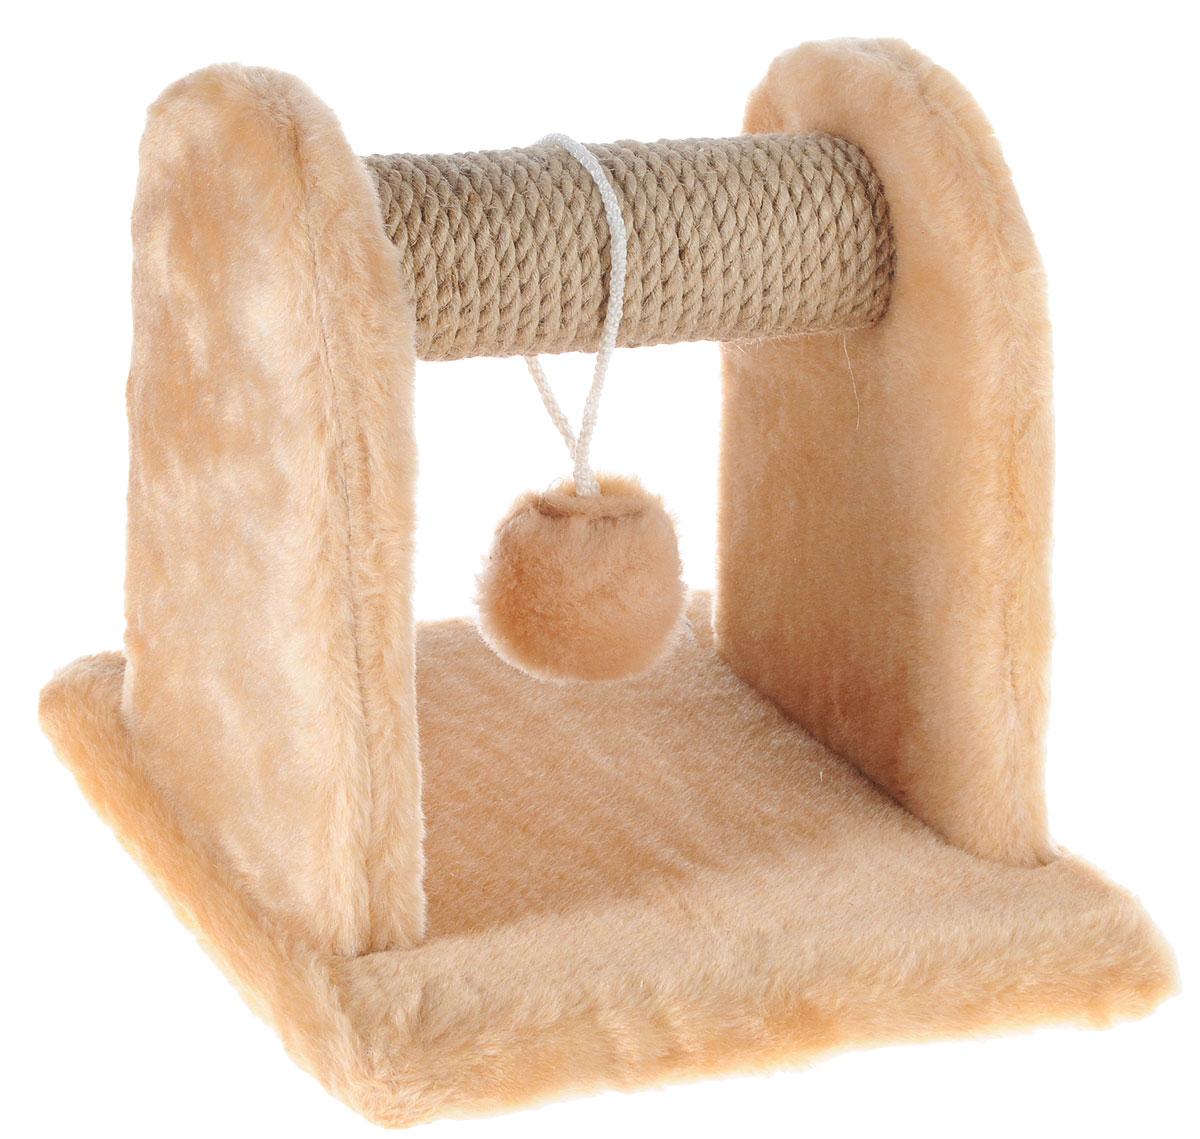 Когтеточка для котят Меридиан, с игрушкой, цвет: светло-коричневый, бежевый, 26 х 26 х 26 см0120710Когтеточка Меридиан предназначена для стачивания когтей вашего котенка и предотвращения их врастания. Она выполнена из ДВП, ДСП и обтянута искусственным мехом. Точатся когти о накладку из джута. Когтеточка оснащена подвесной игрушкой, привлекающей внимание котенка.Когтеточка позволяет сохранить неповрежденными мебель и другие предметы интерьера.